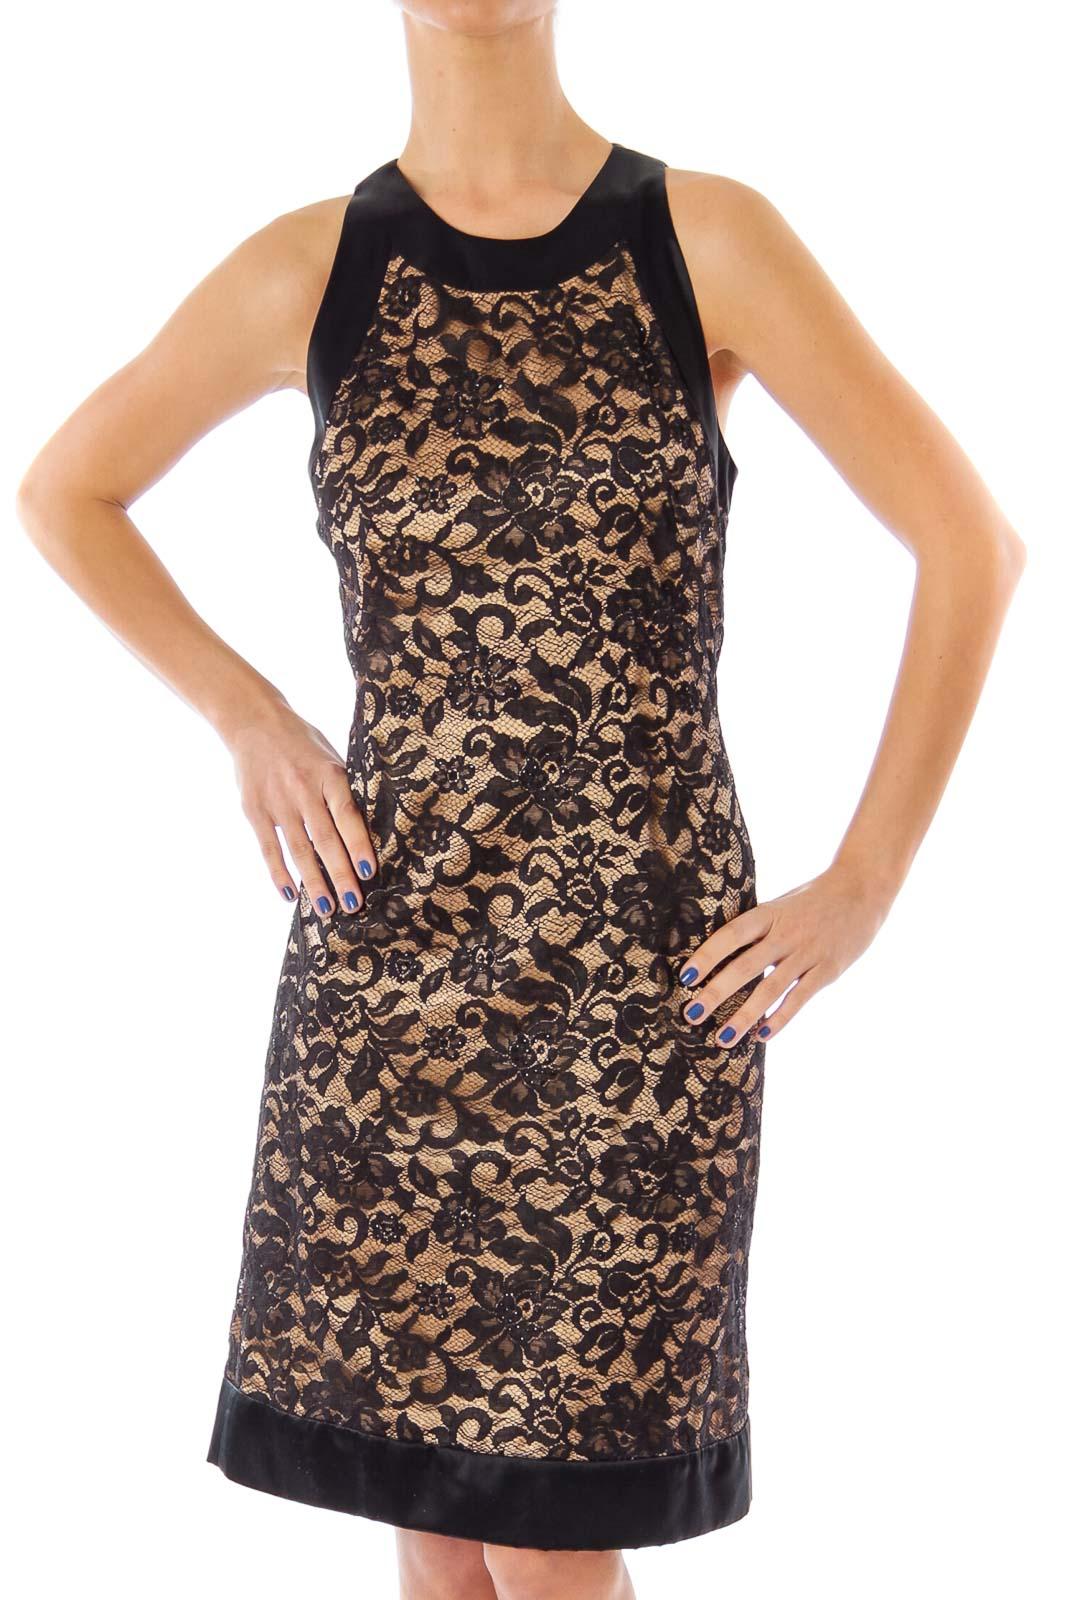 Black & Beige Lace Cocktail Dress Front